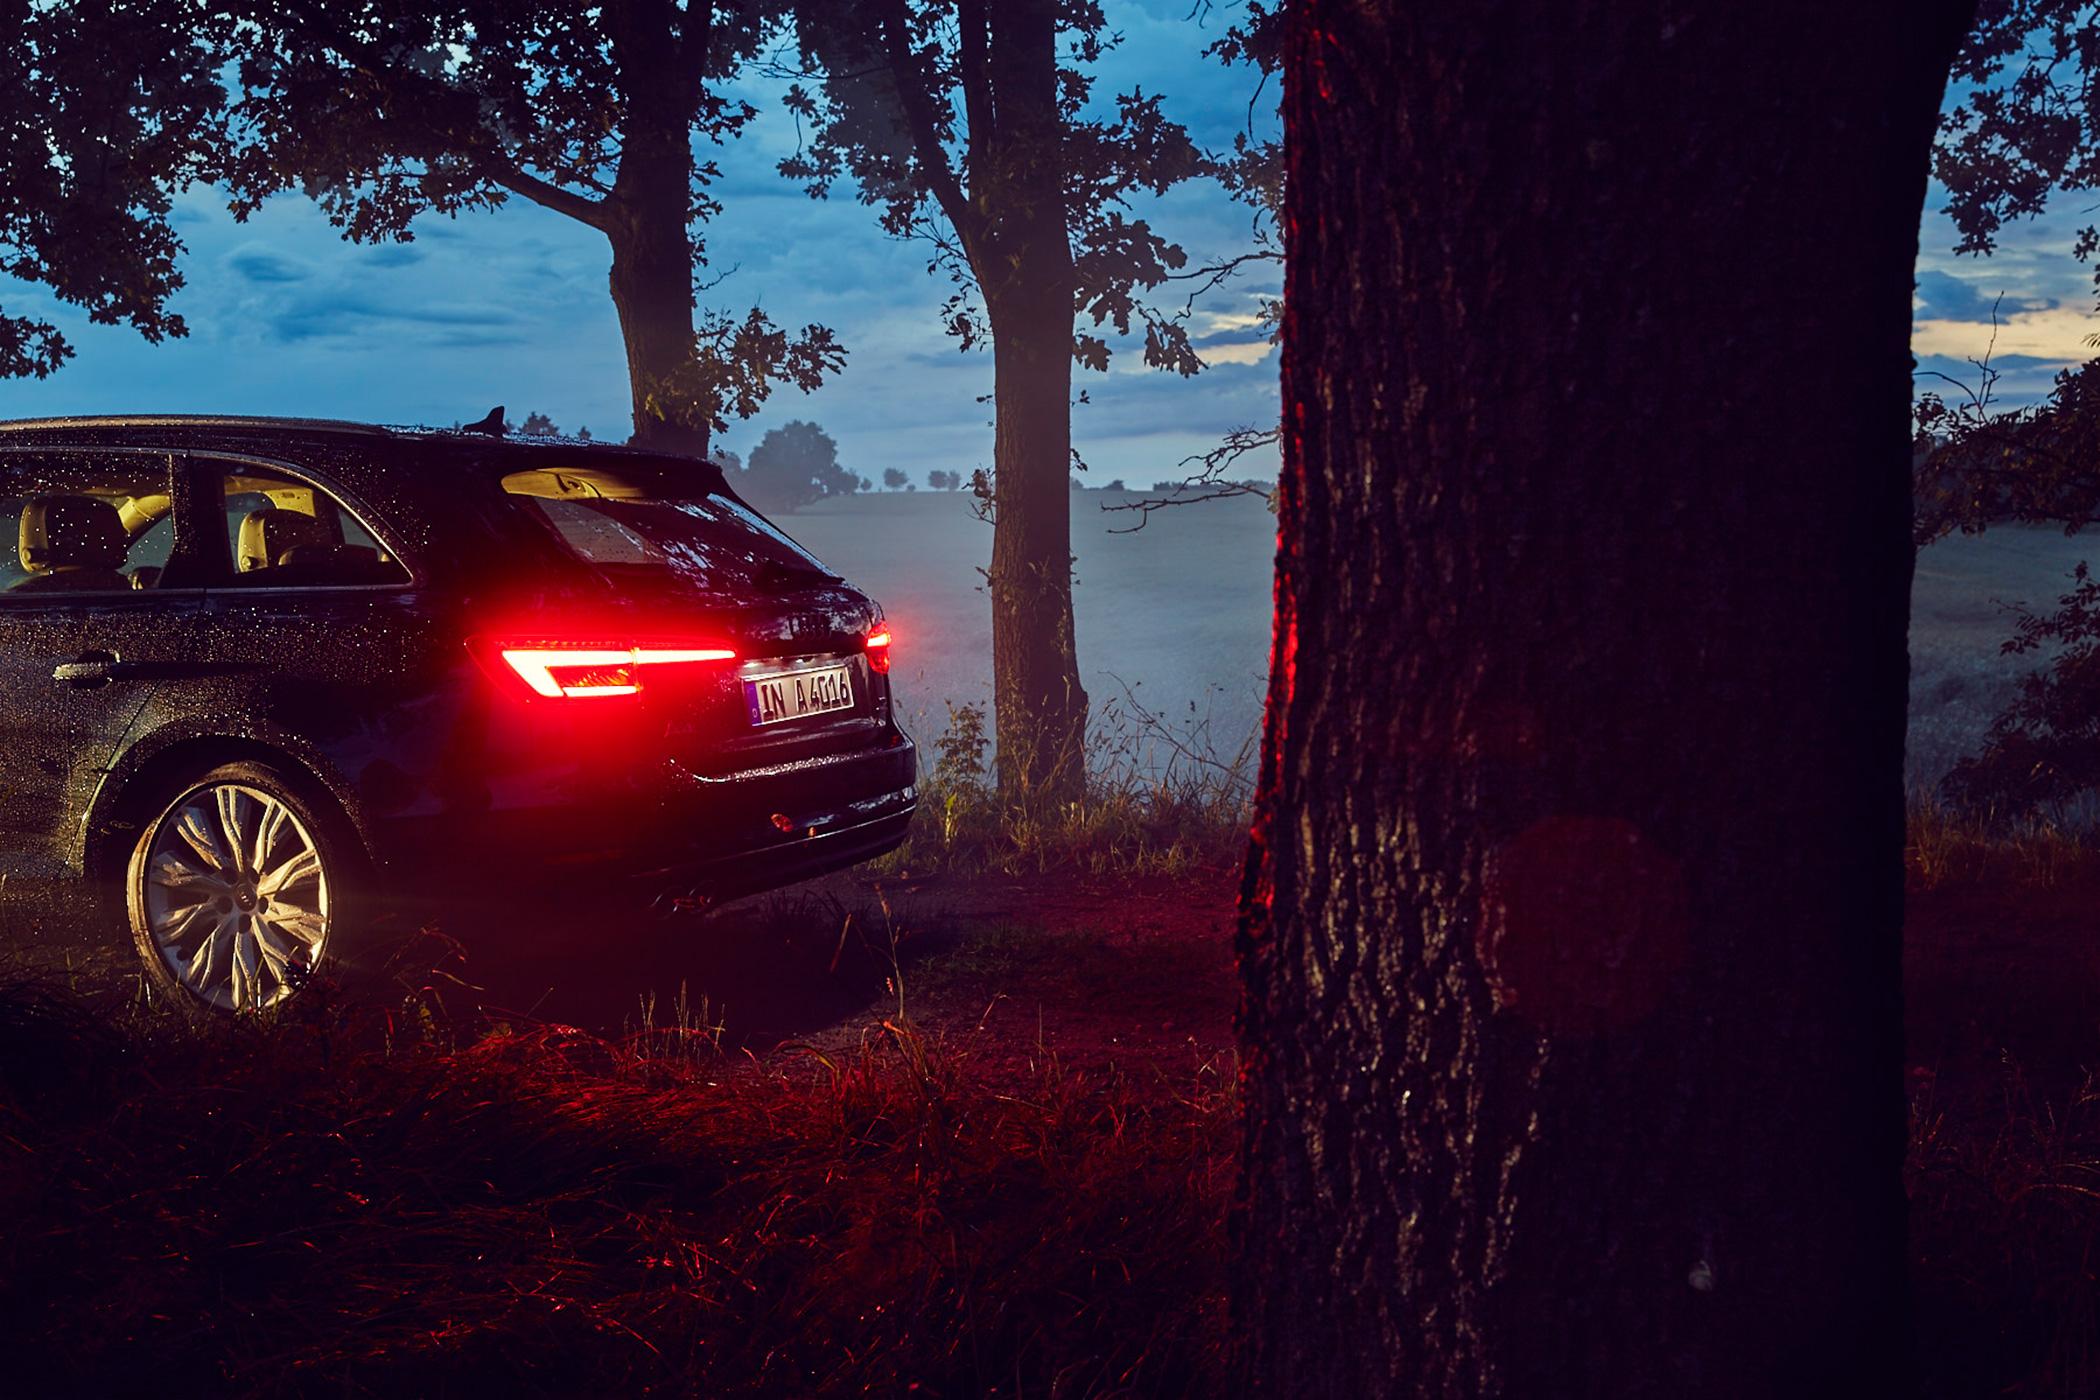 Audi_Licht_und_Sicht_0999.jpg